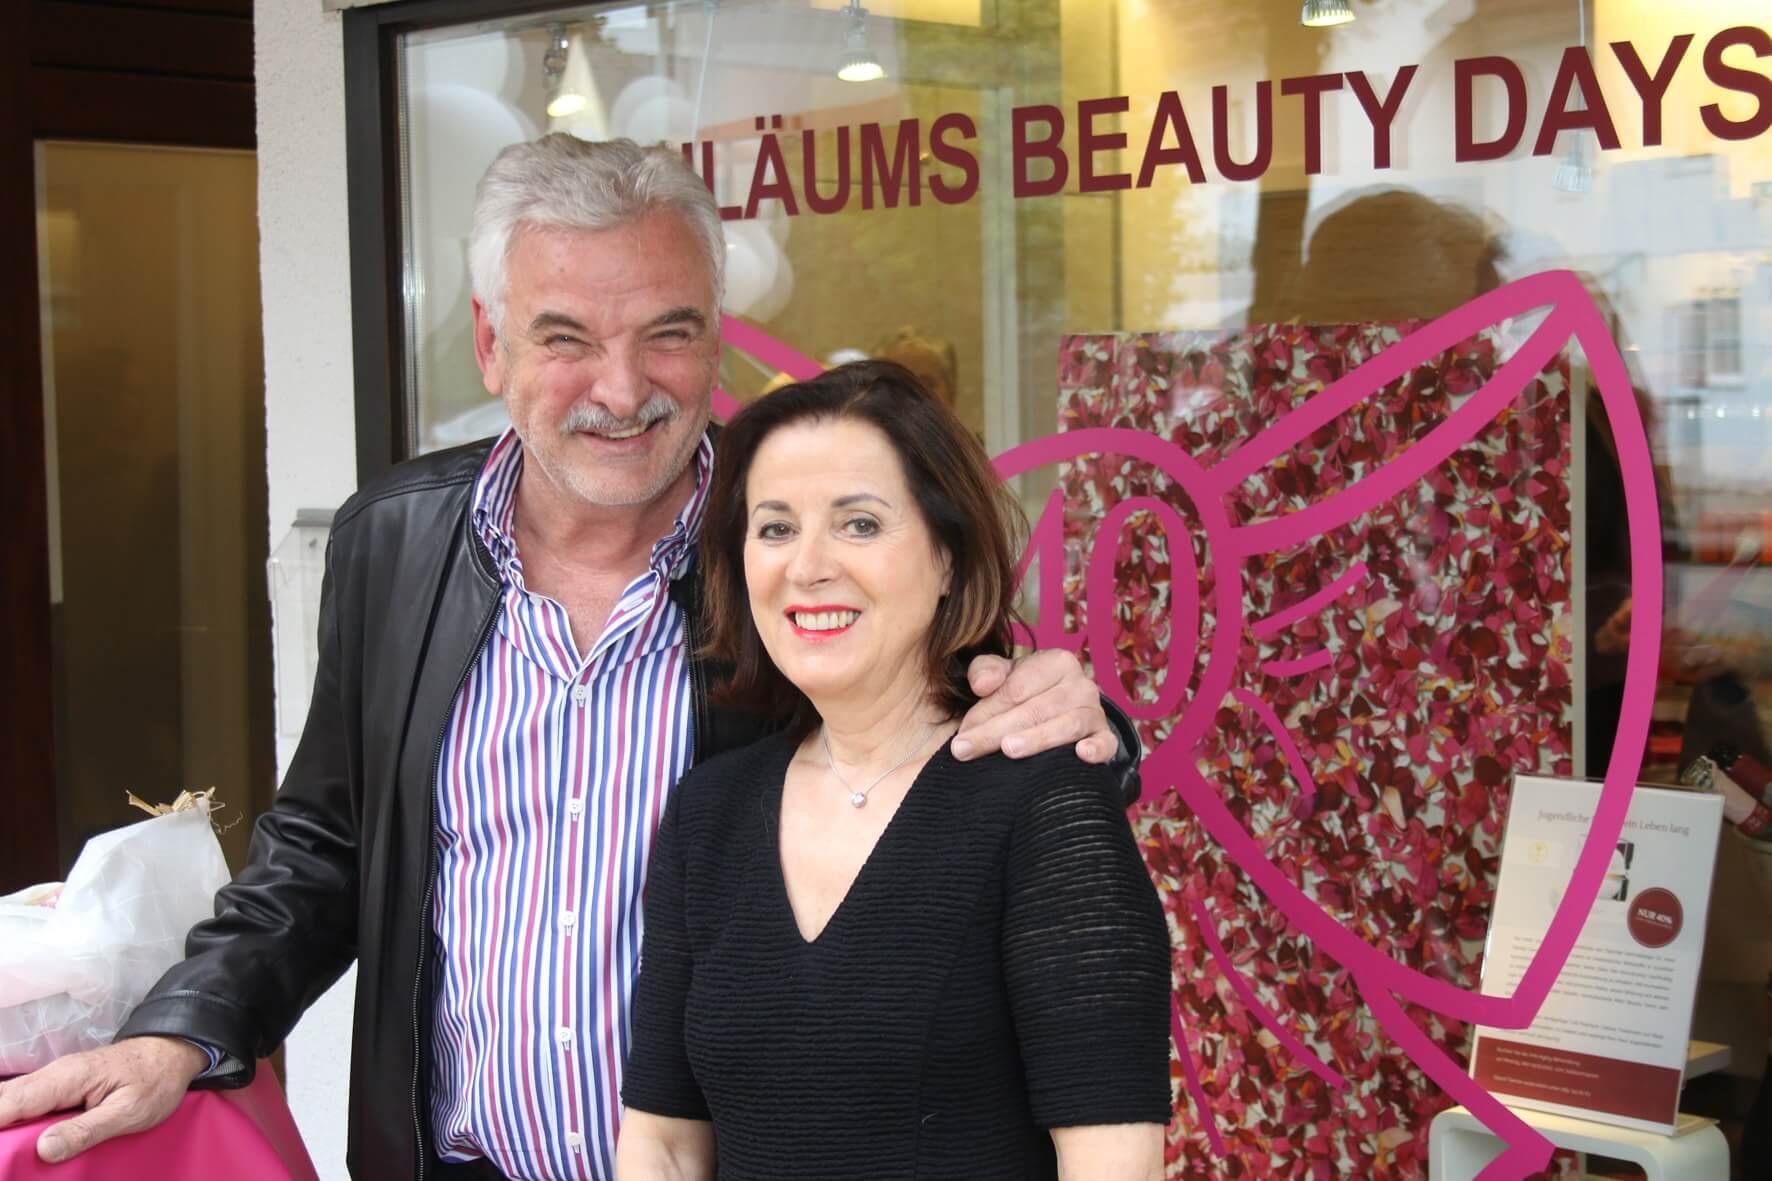 Jubiläums Beauty Days